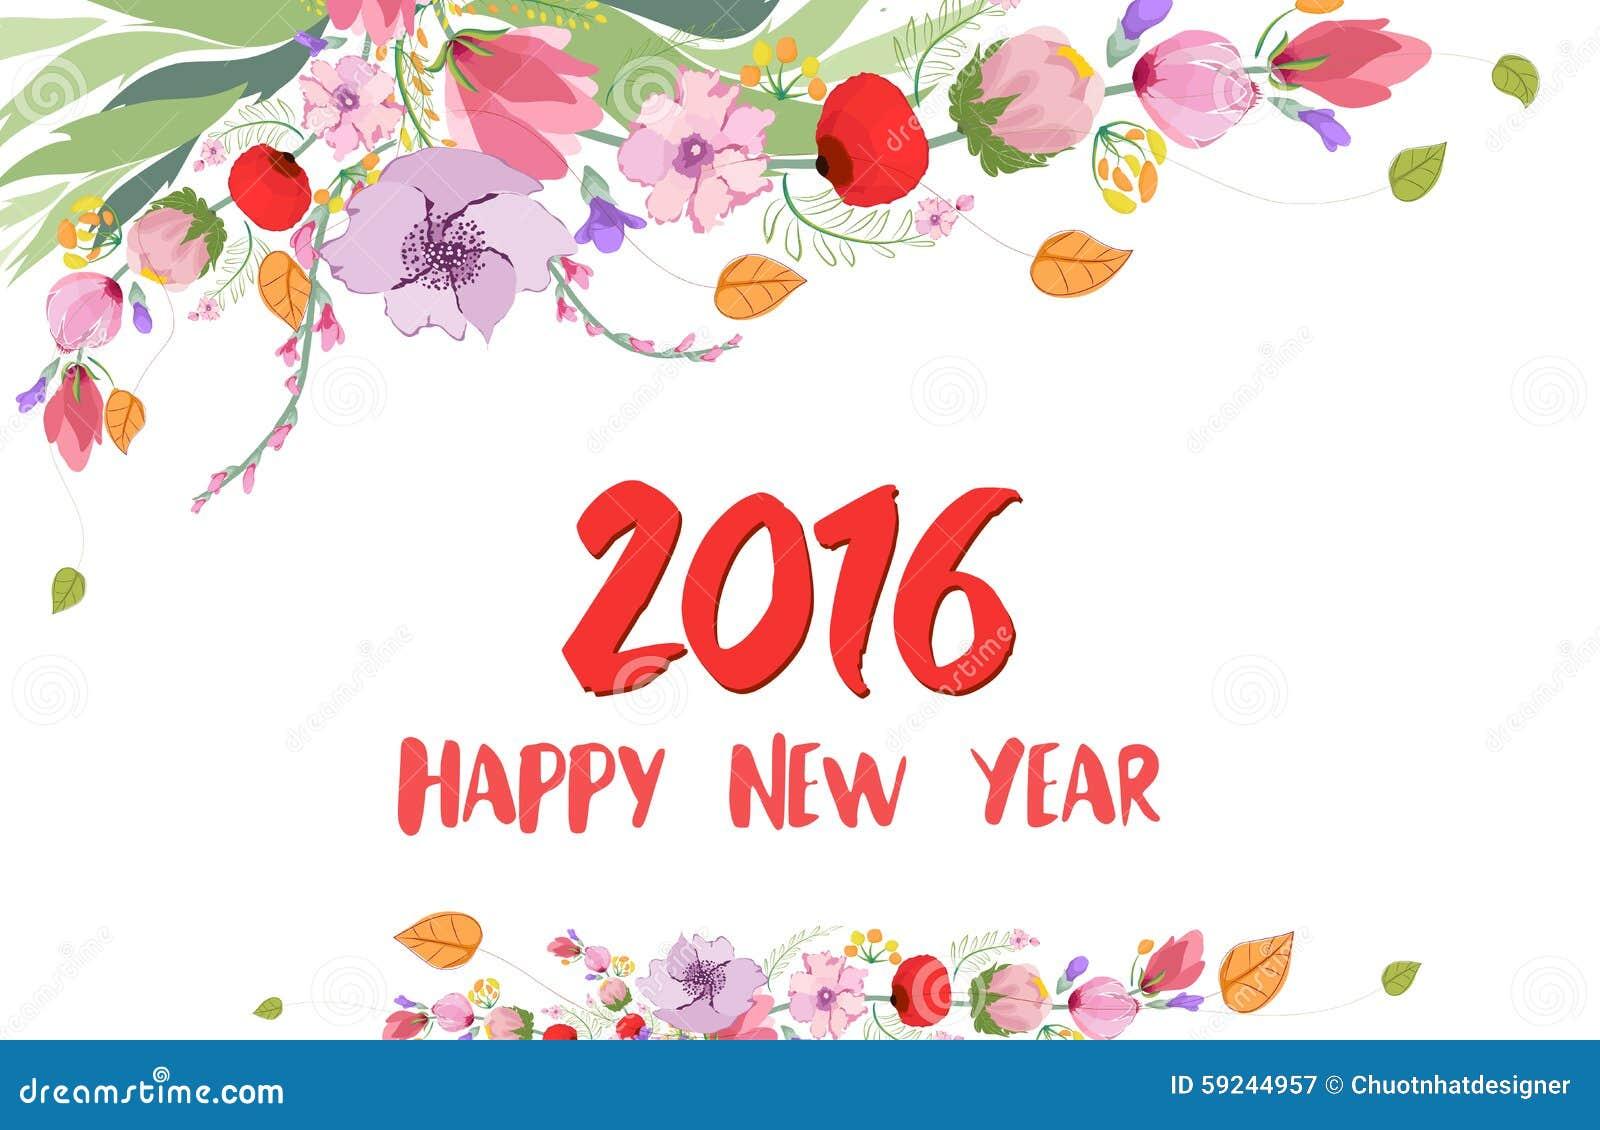 Download Feliz Año Nuevo 2016 Flor Salvaje De La Acuarela Stock de ilustración - Ilustración de gráfico, floral: 59244957